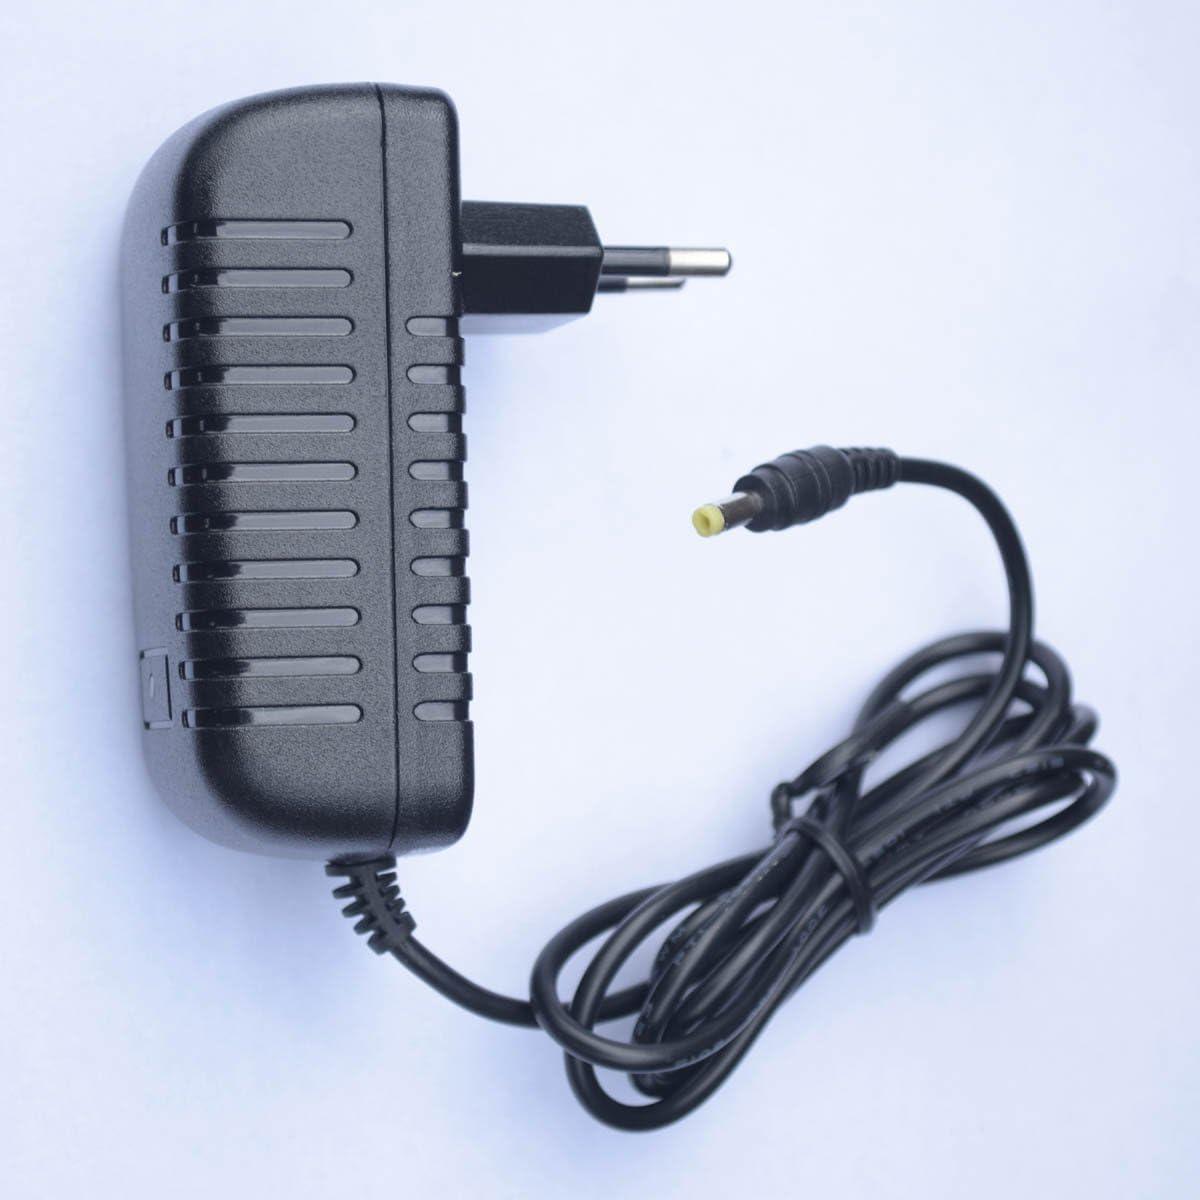 MyVolts Chargeur//Alimentation 18V Compatible avec Seymour Duncan Pickup Booster P/édale dEffets Premium Adaptateur Secteur - Prise fran/çaise